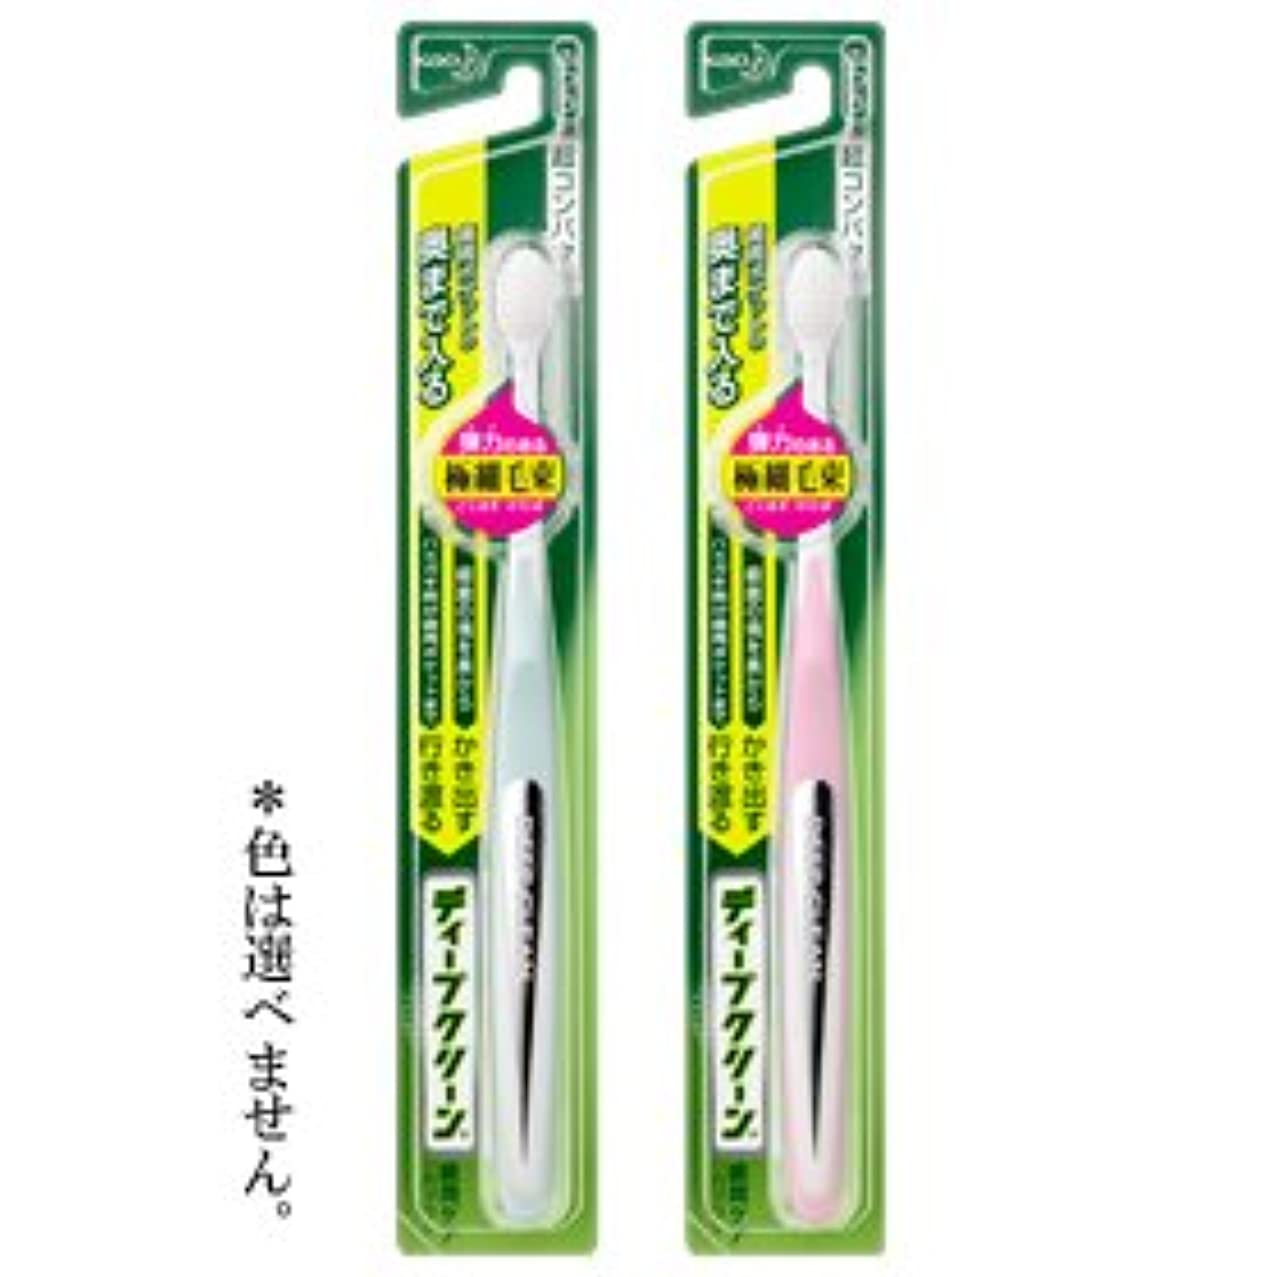 【花王】ディープクリーン ハブラシ超コンパクト <ふつう> 1本入 ×10個セット